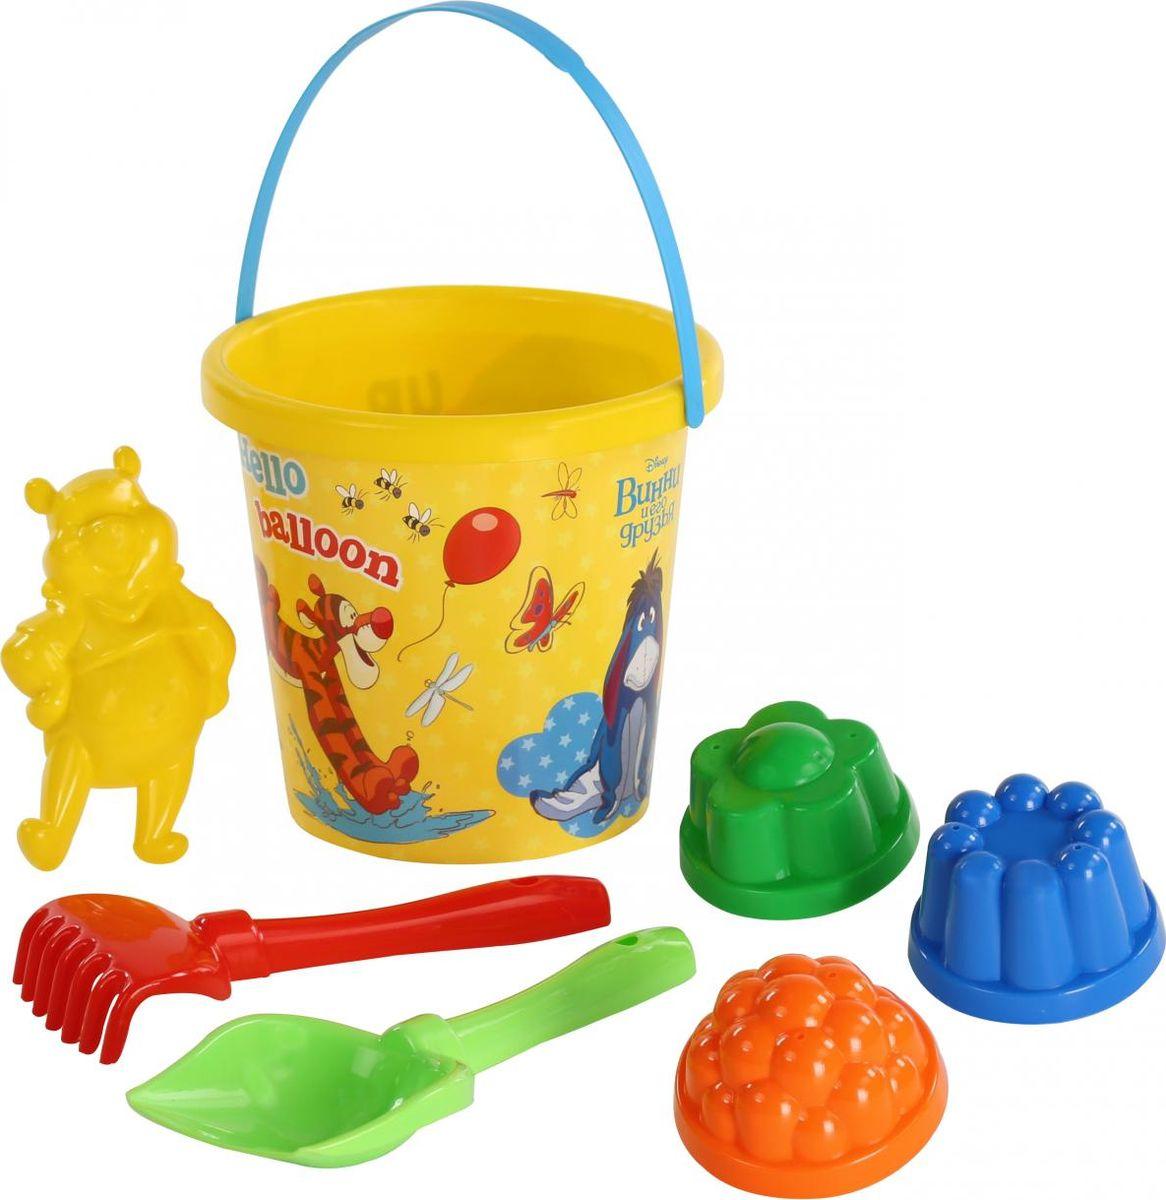 Disney Набор игрушек для песочницы Винни и его друзья №10, 7 предметов, цвет в ассортименте disney набор игрушек для песочницы винни и его друзья 4